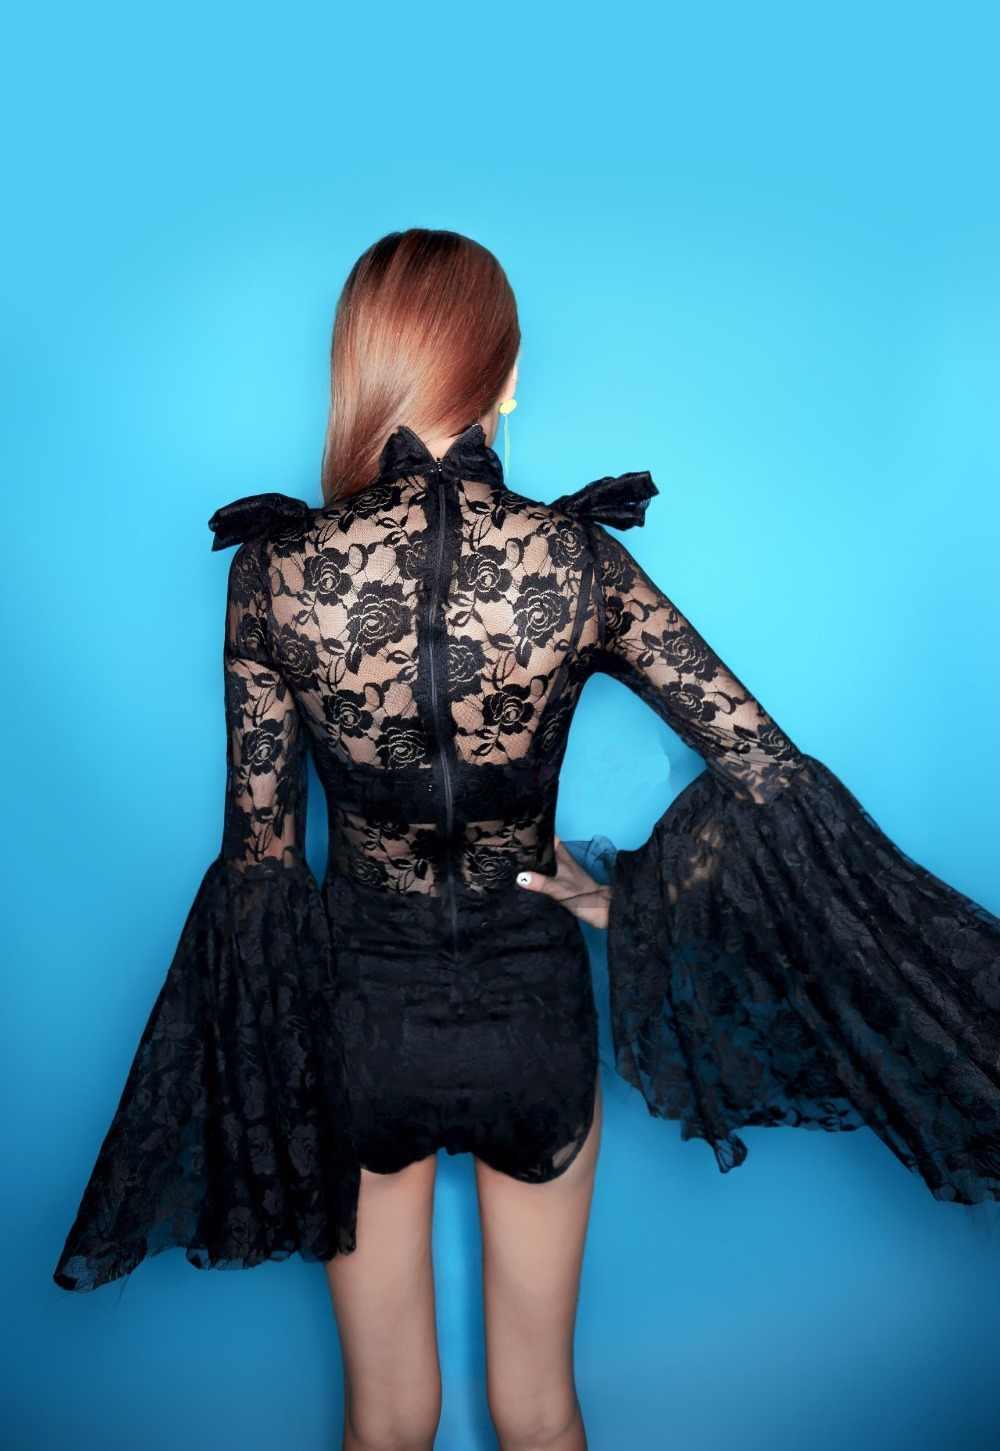 Сексуальное Черное Кружевное боди с рукавами-трубами Прозрачное платье для ночного клуба леди диджей певец танцор сценический костюм джазовый танцевальный шоу комбинезон